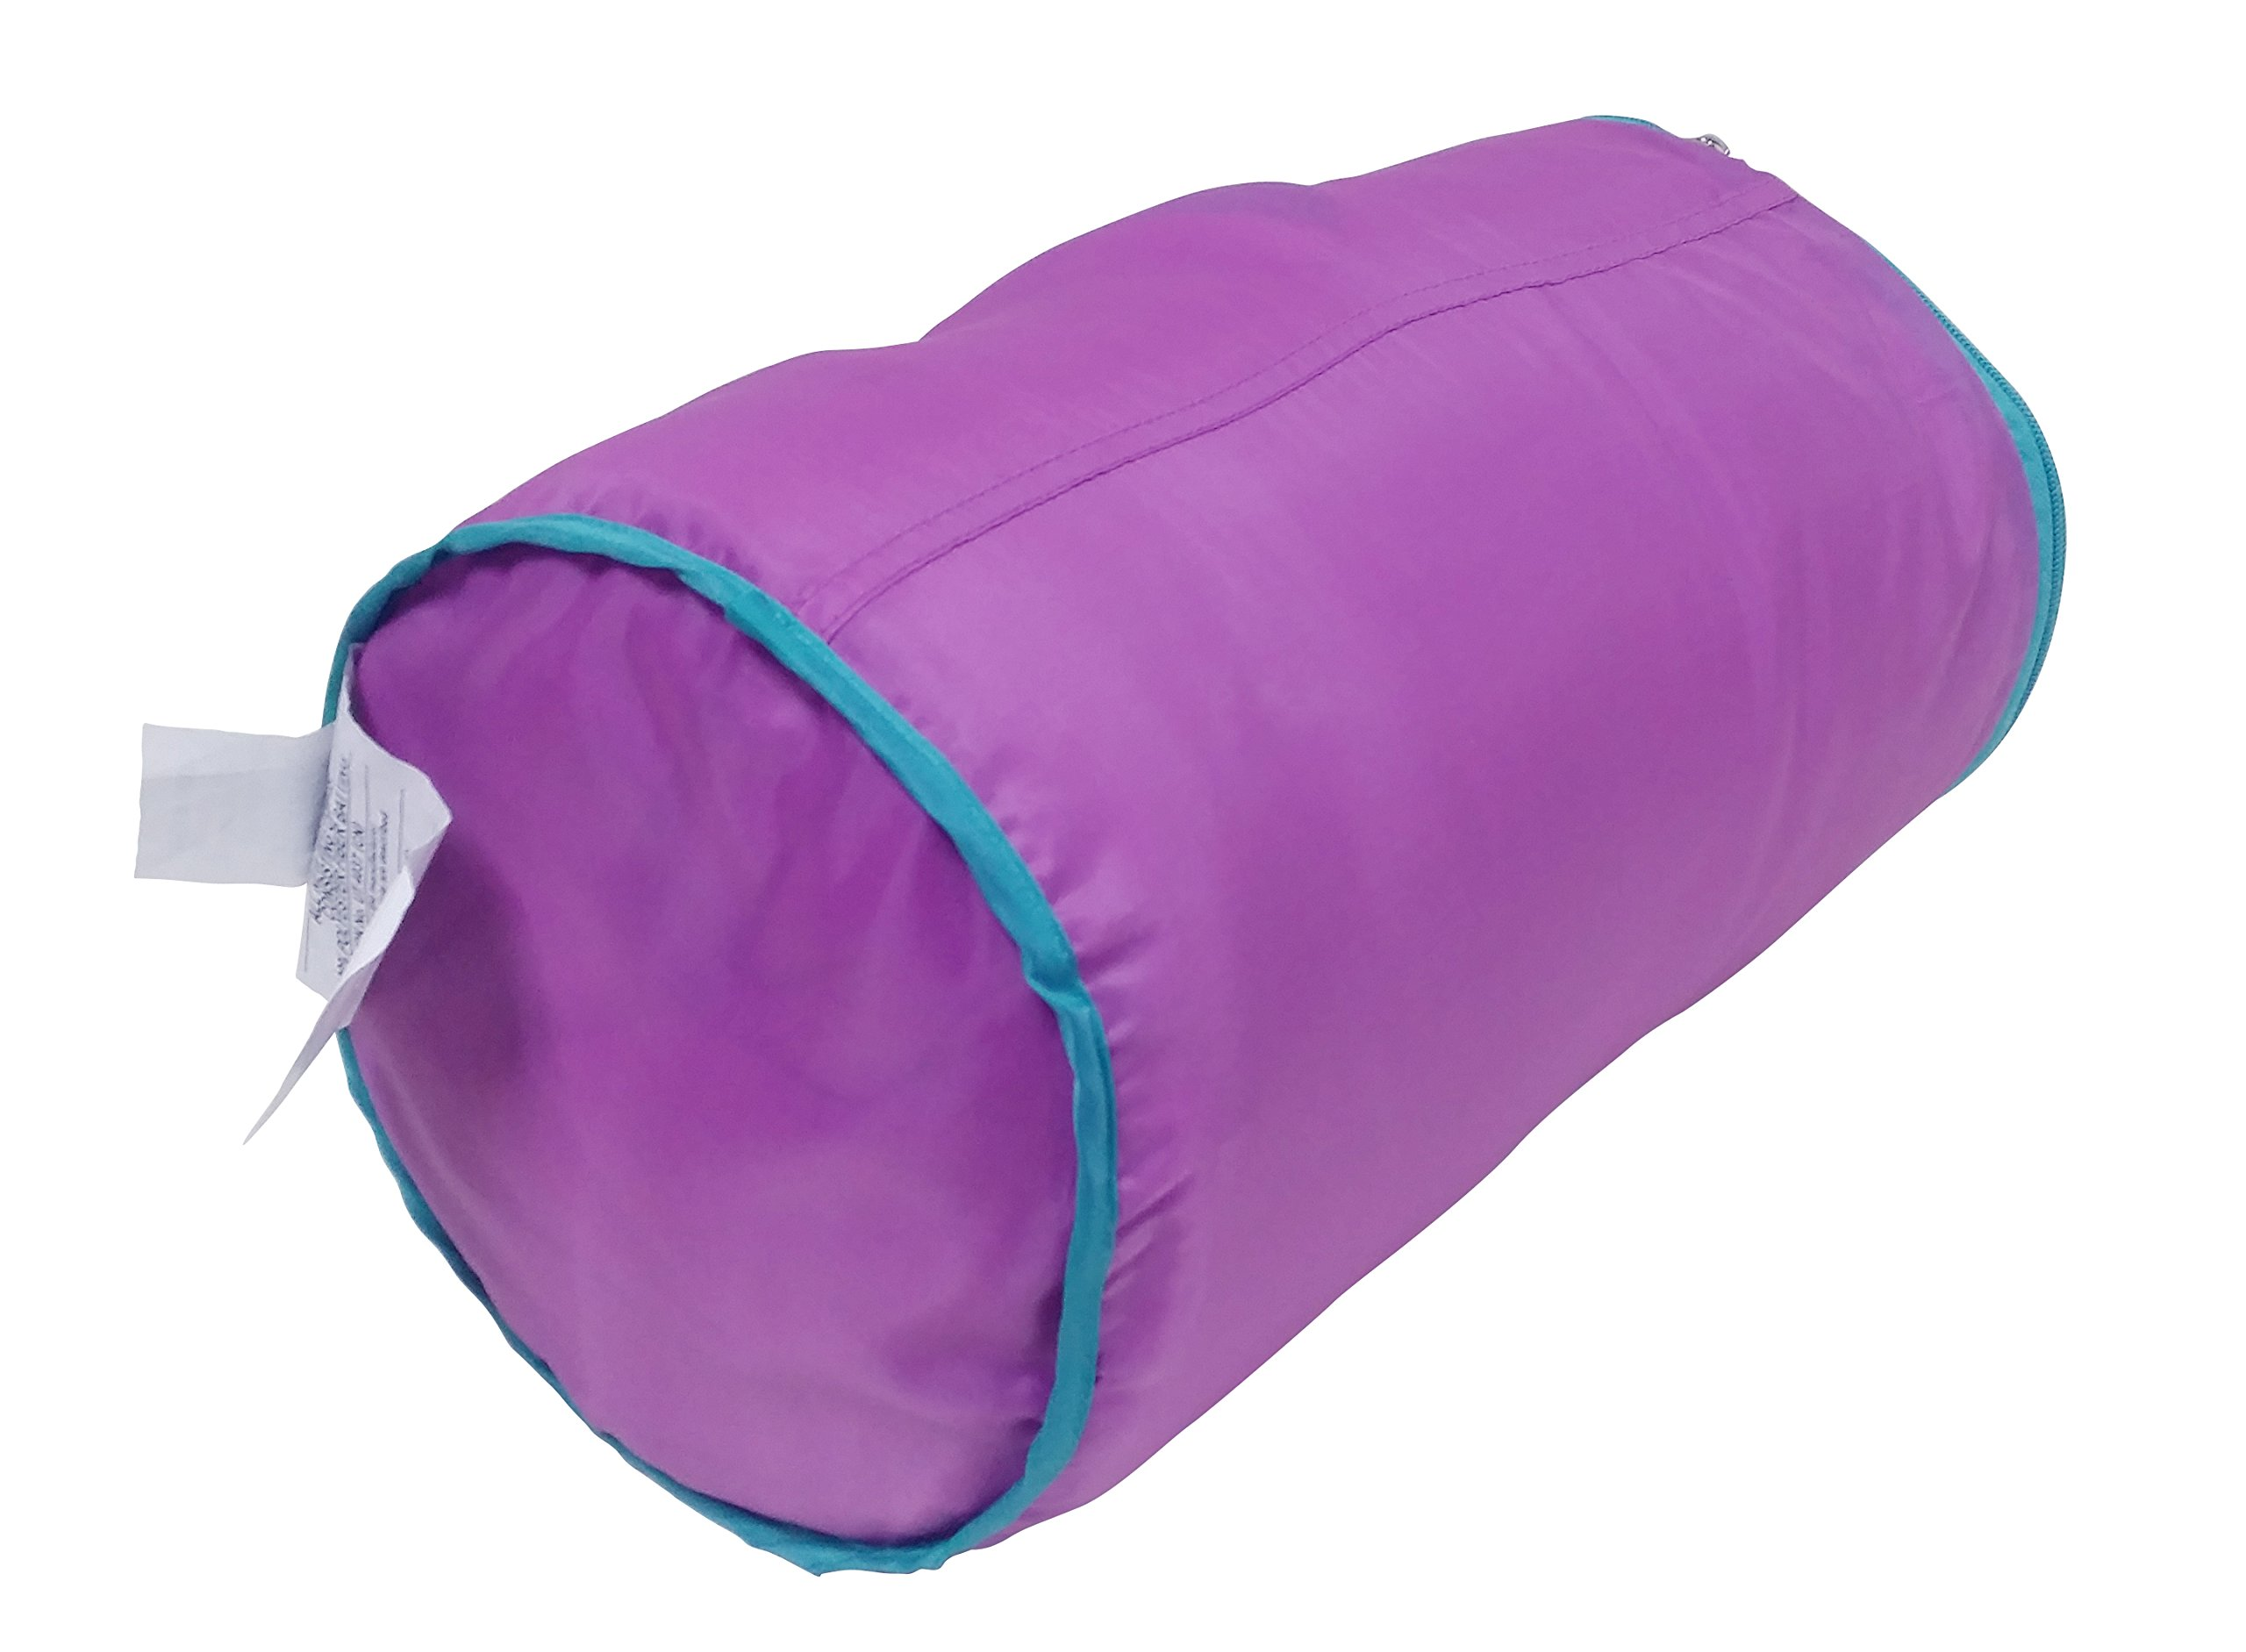 Ozark-Trail Kids Sleeping Bag Camping Indoor Outoor Traveling (Raccoon/Bear) (Purple,Teal) by Ozark-Trail (Image #5)